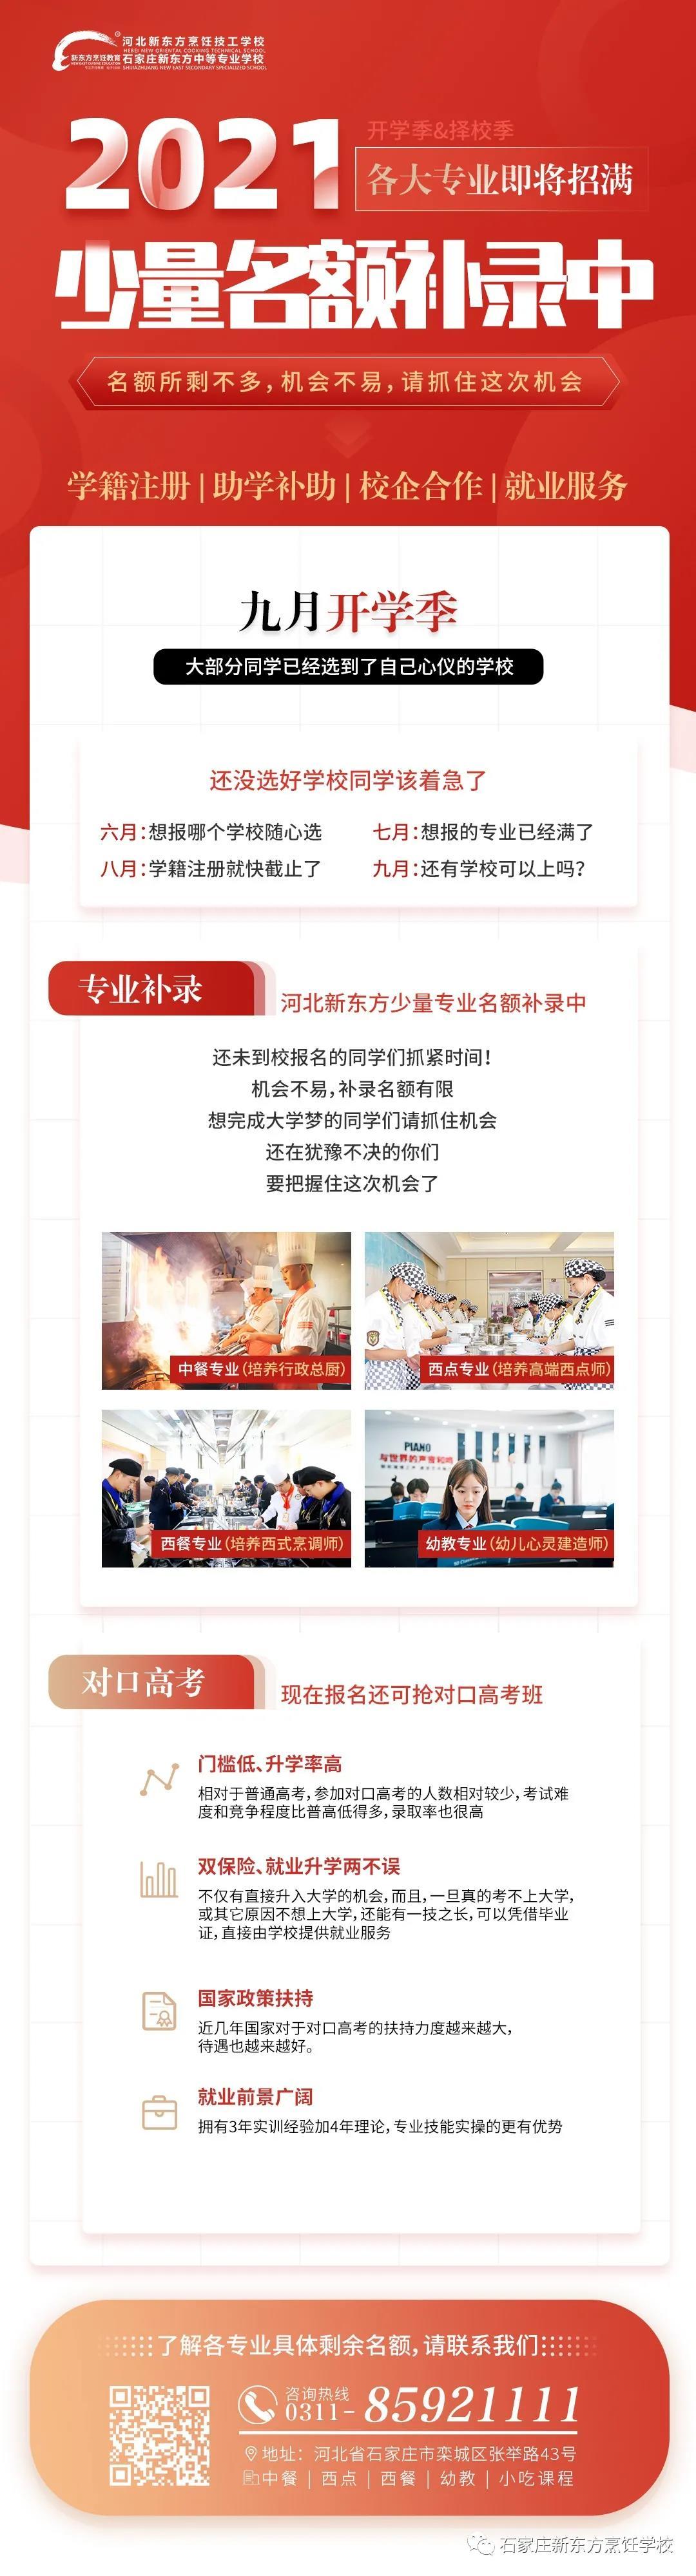 河北新东方烹饪技工学校【学籍补录】即将结束!(图10)